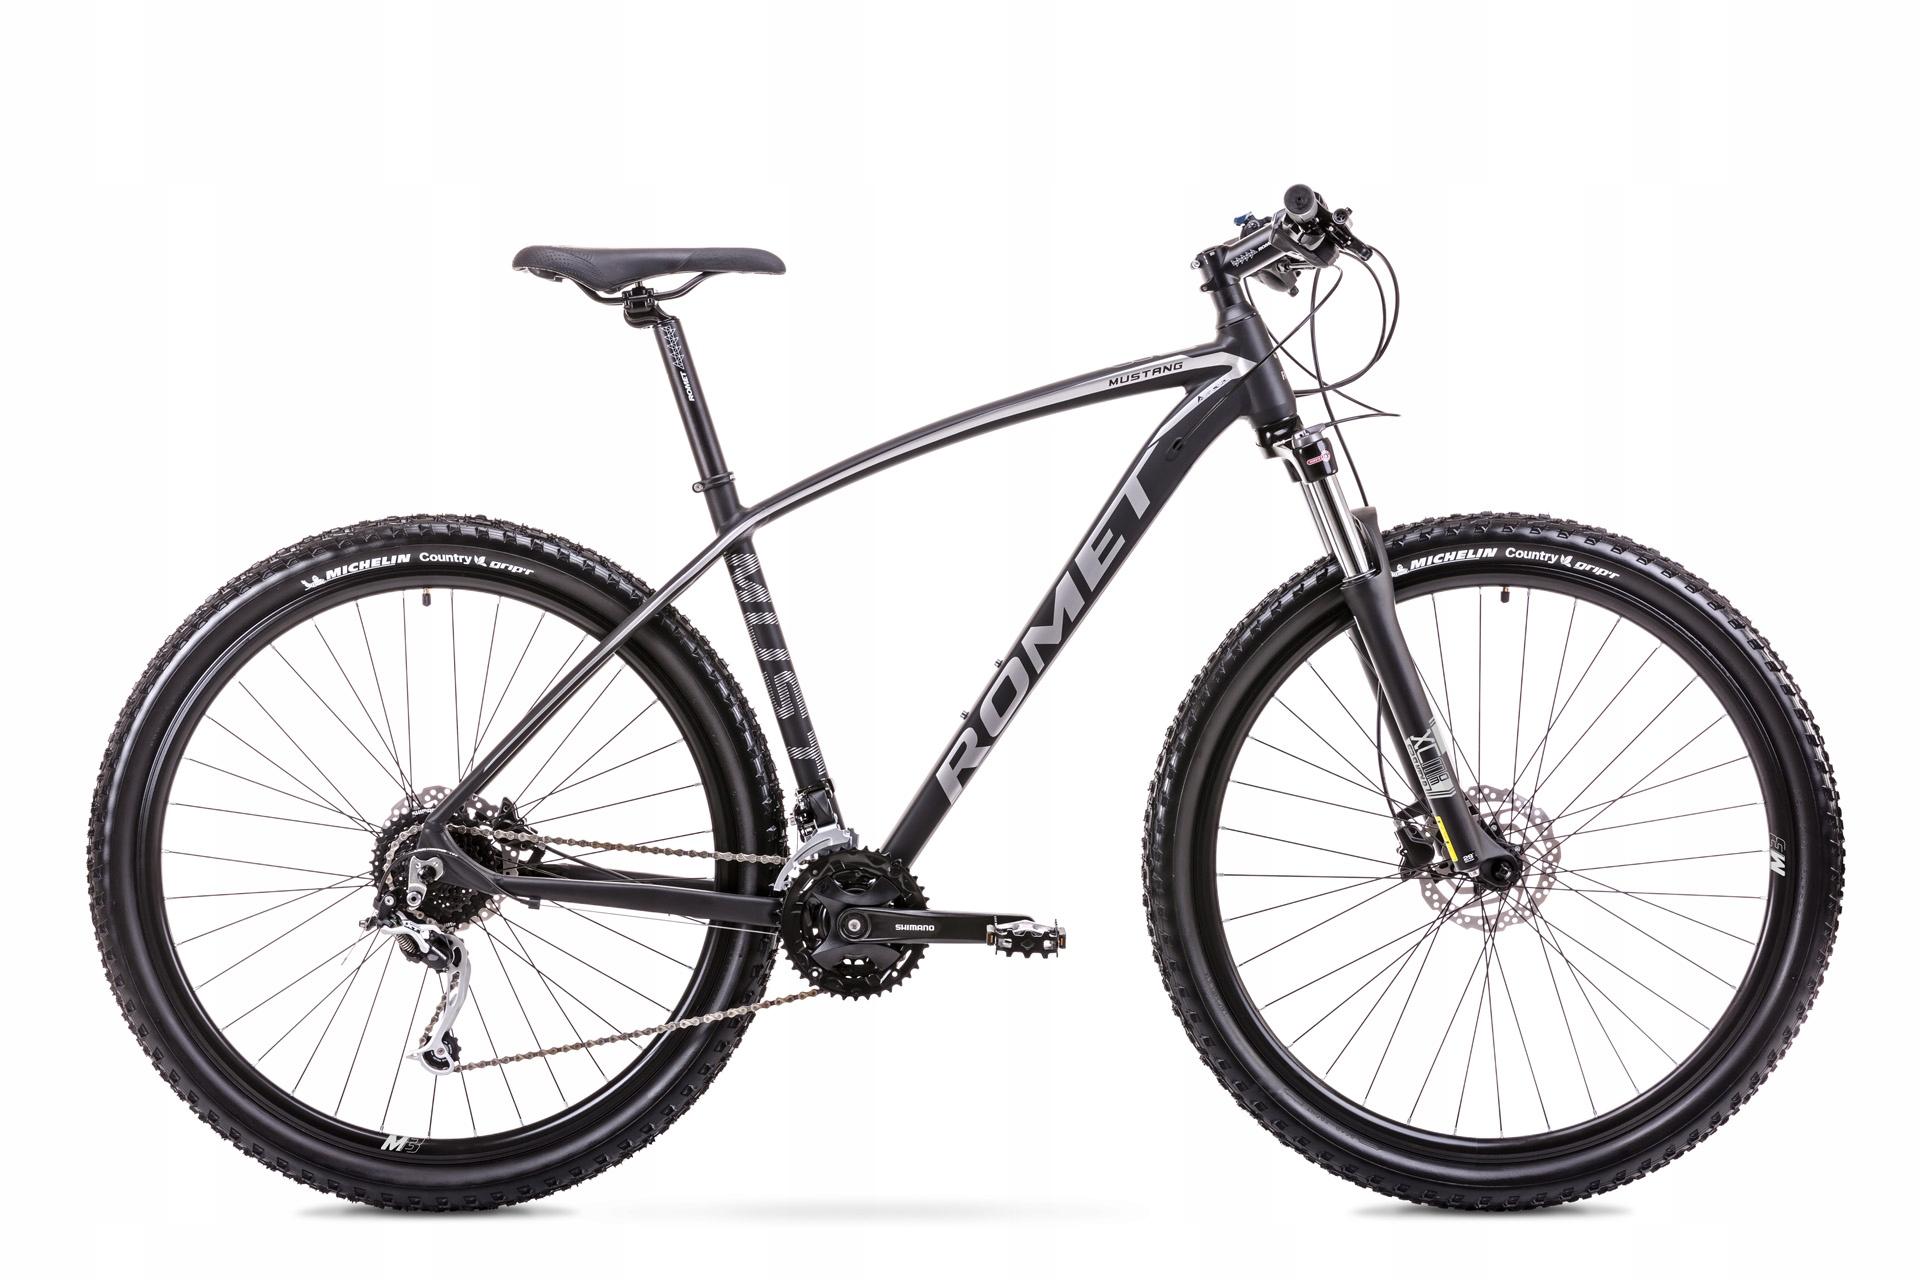 Rower Romet MUSTANG M3 29 2019 czarno srebrny